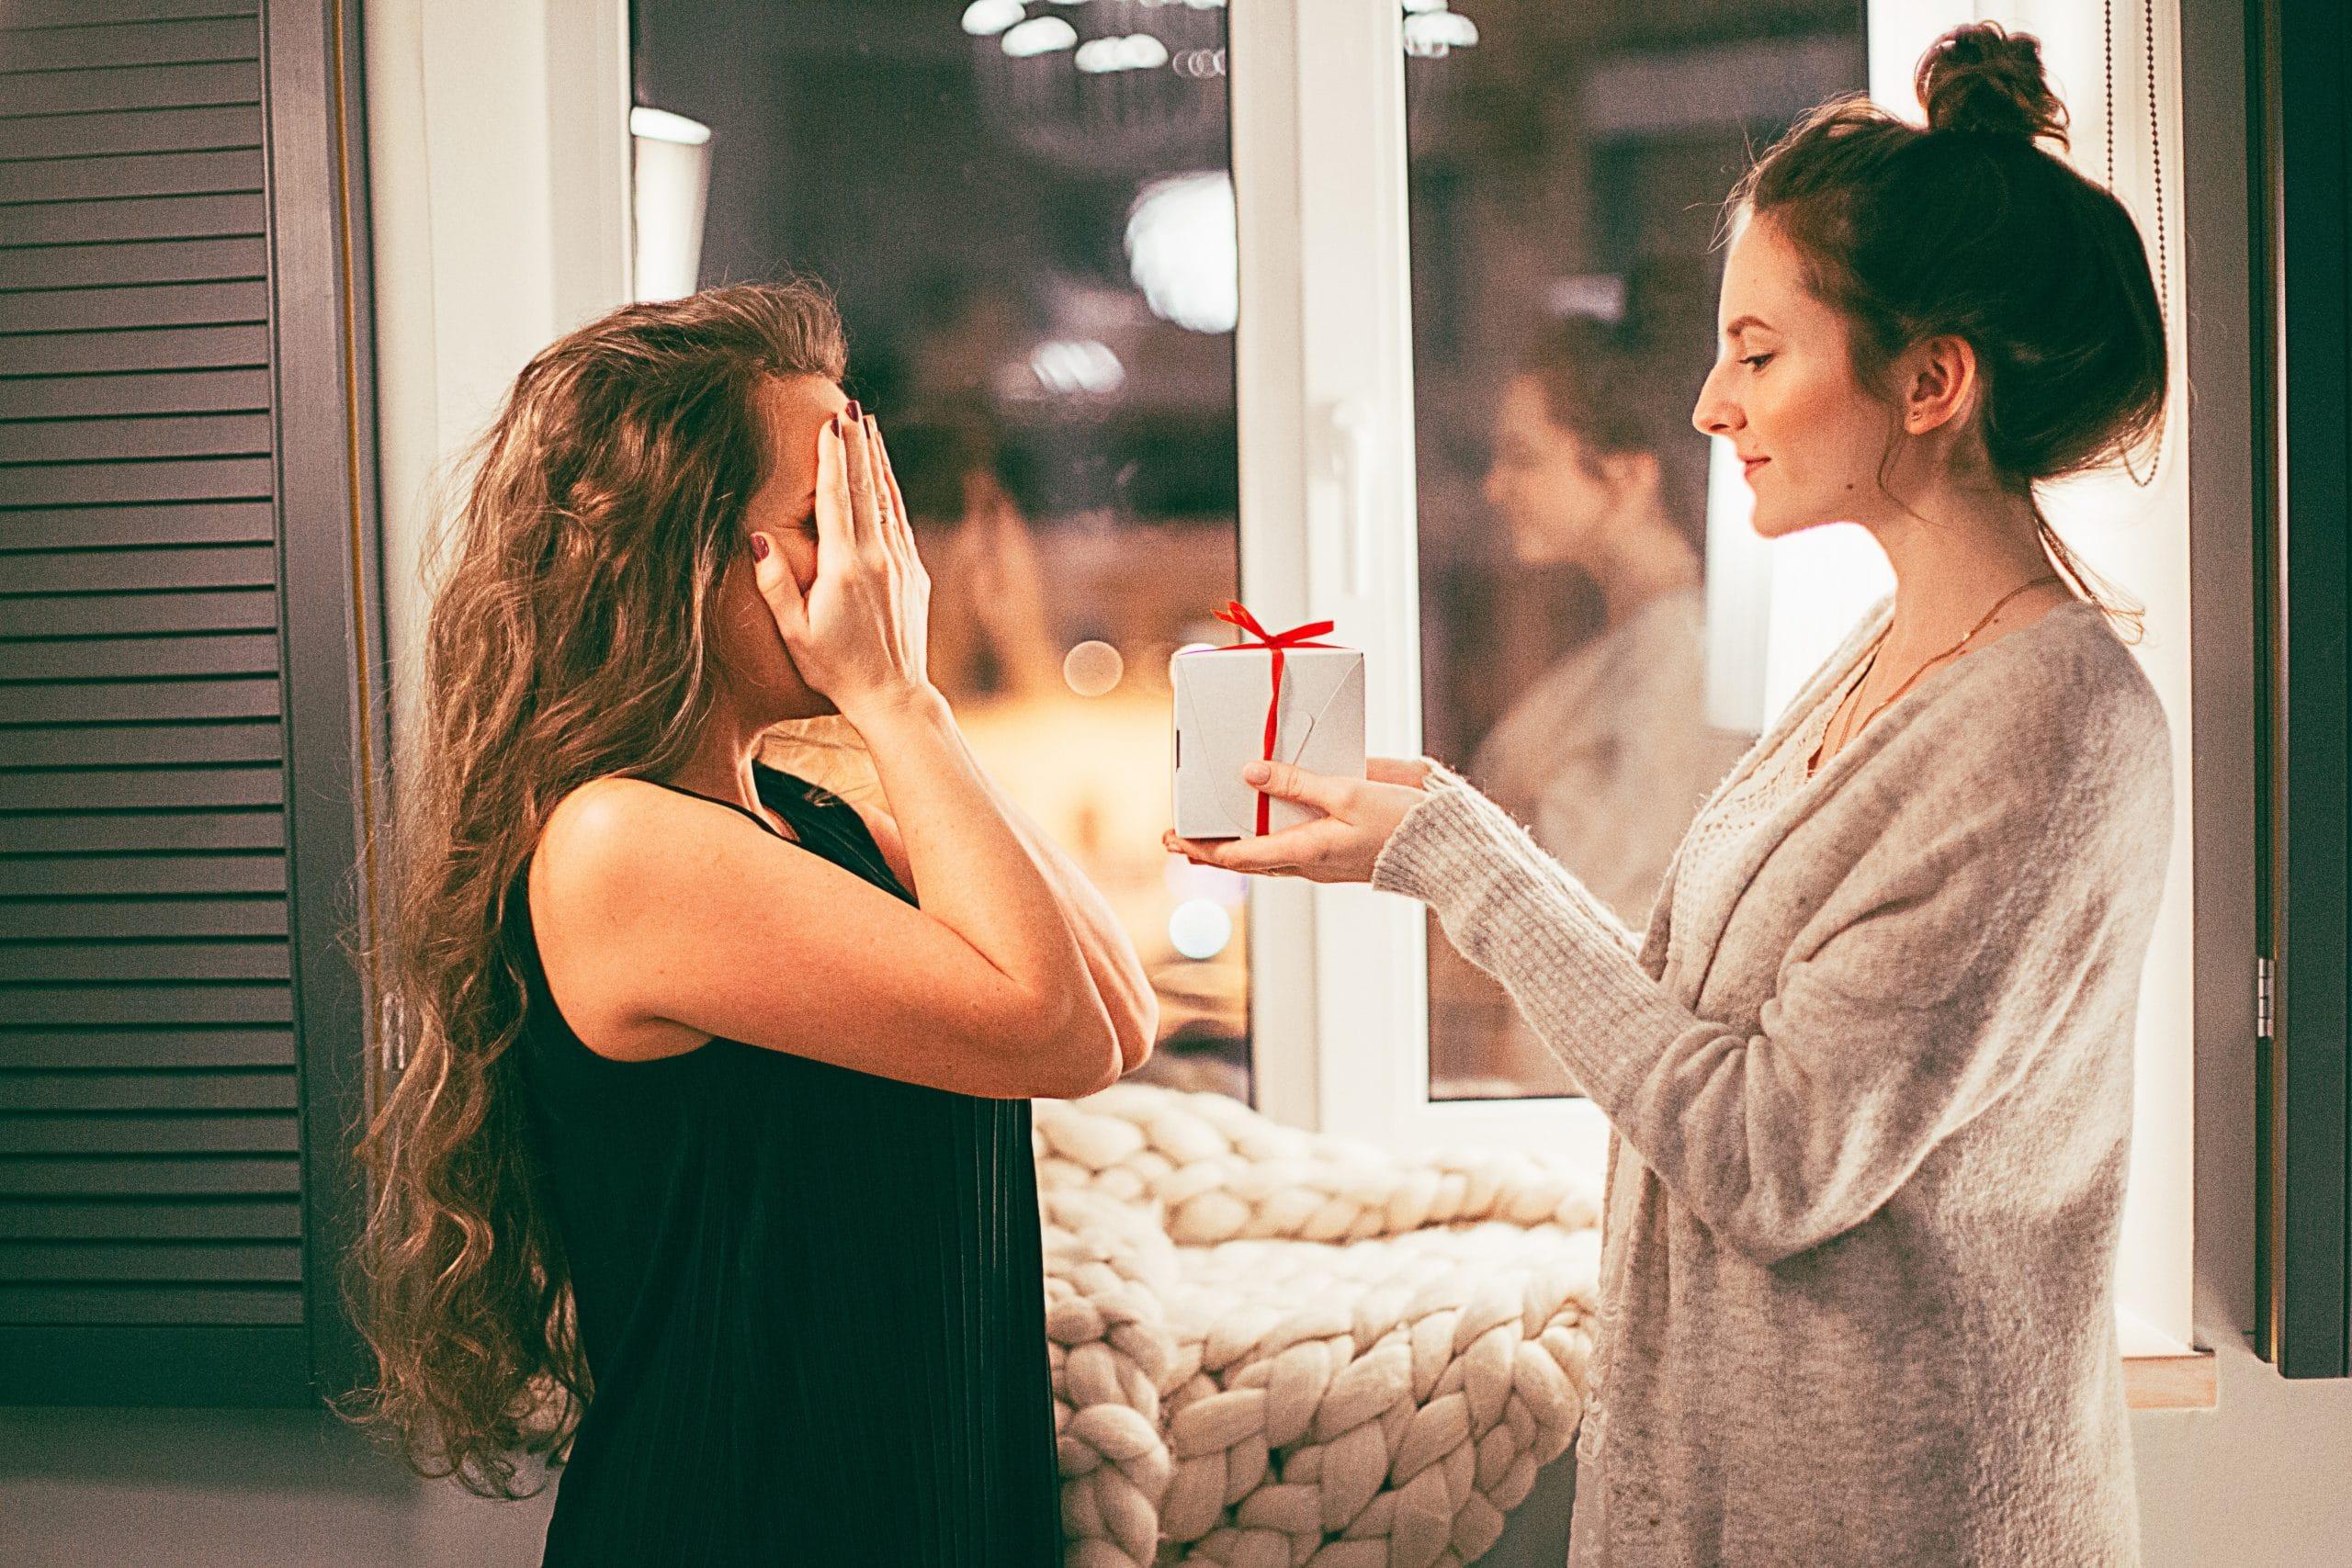 Mulher com mãos nos olhos recebendo presente de outra mulher